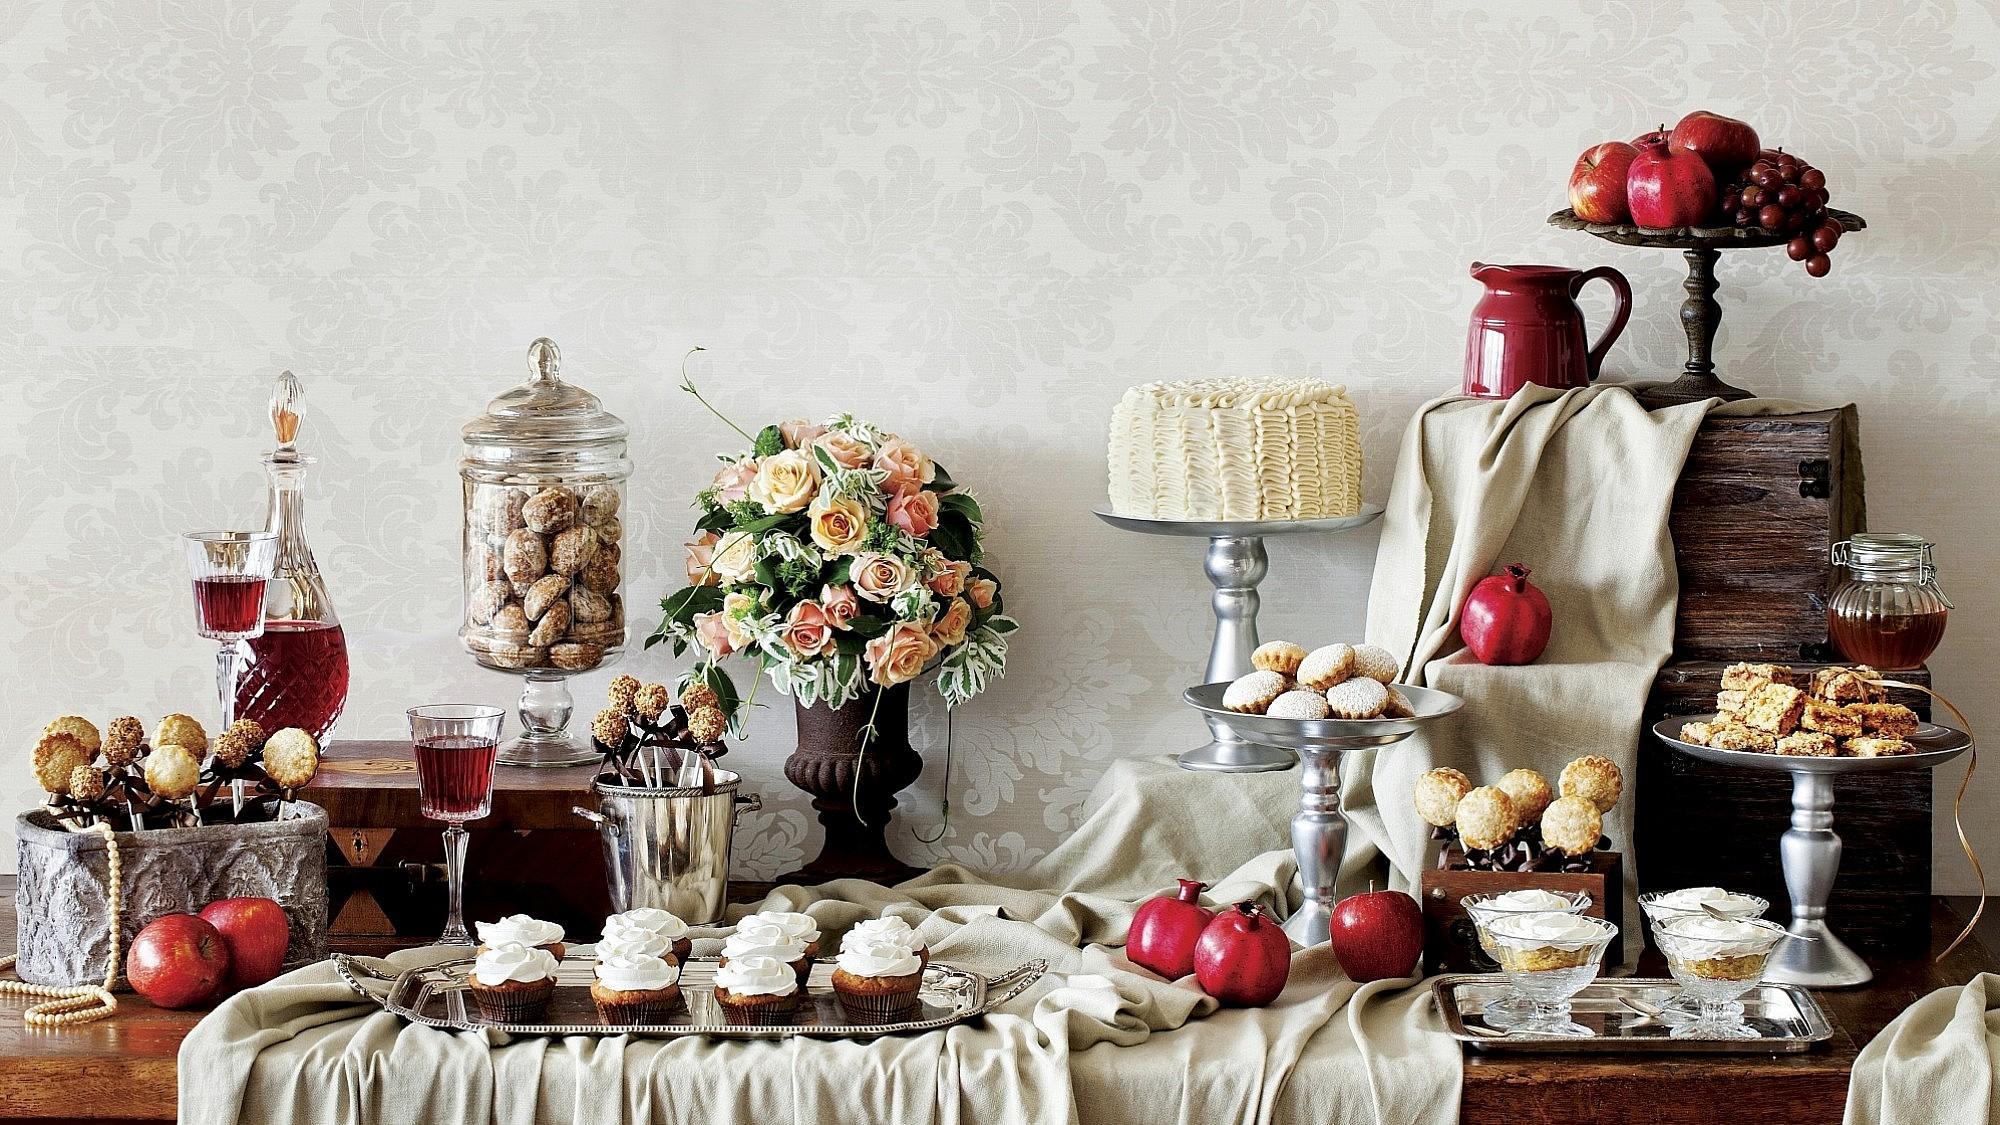 שולחן מתוקים לראש השנה. צילום: בועז לביא